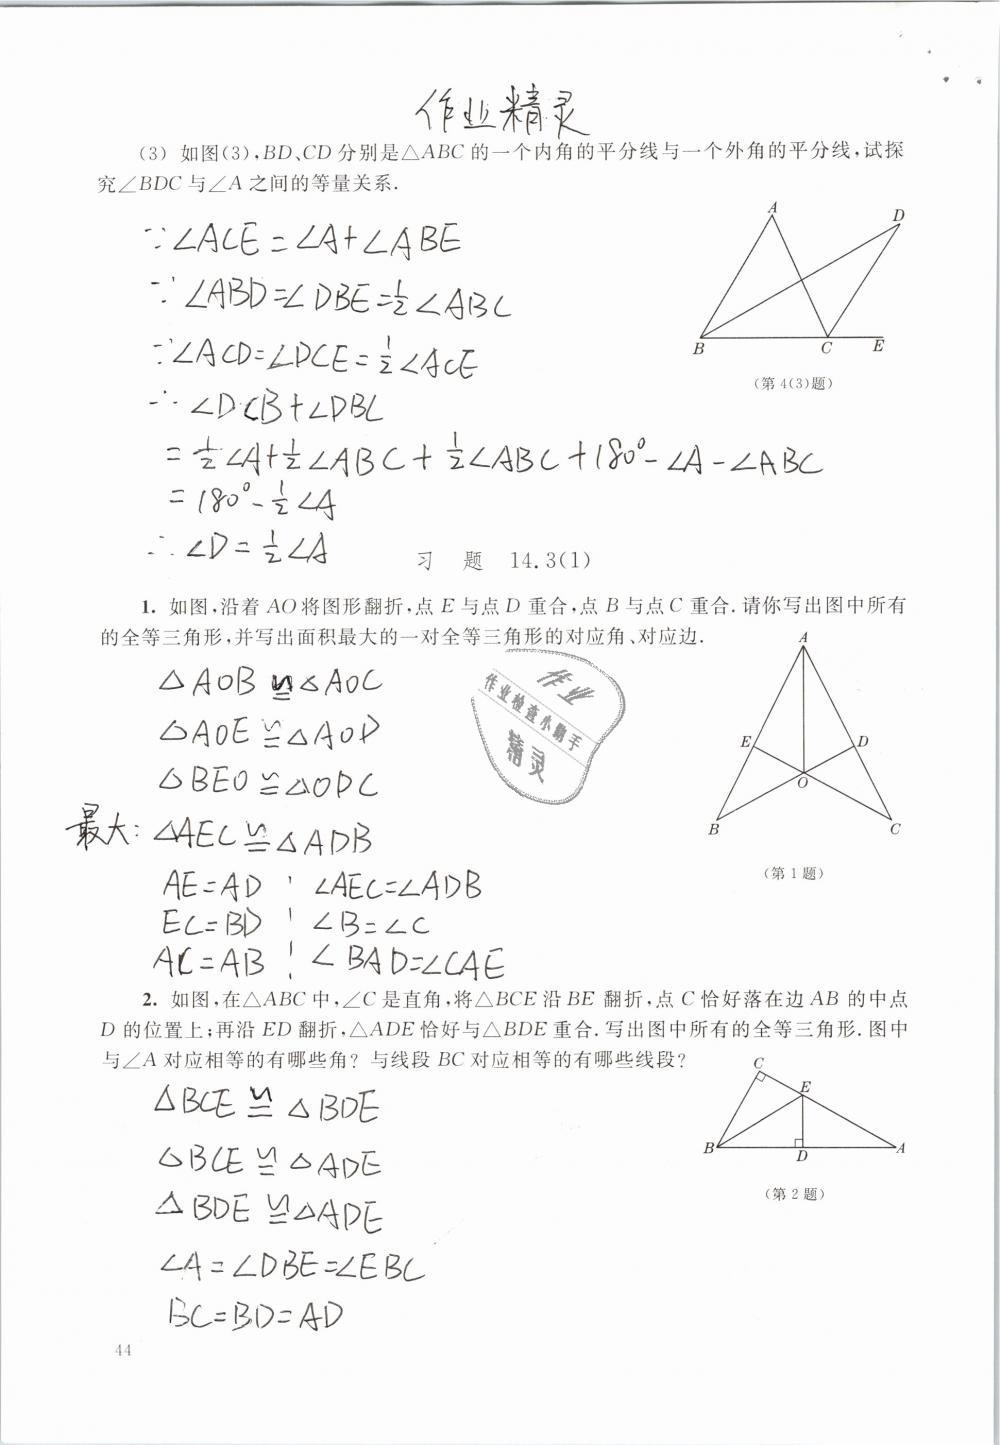 2019年数学练习部分七年级第二学期第44页